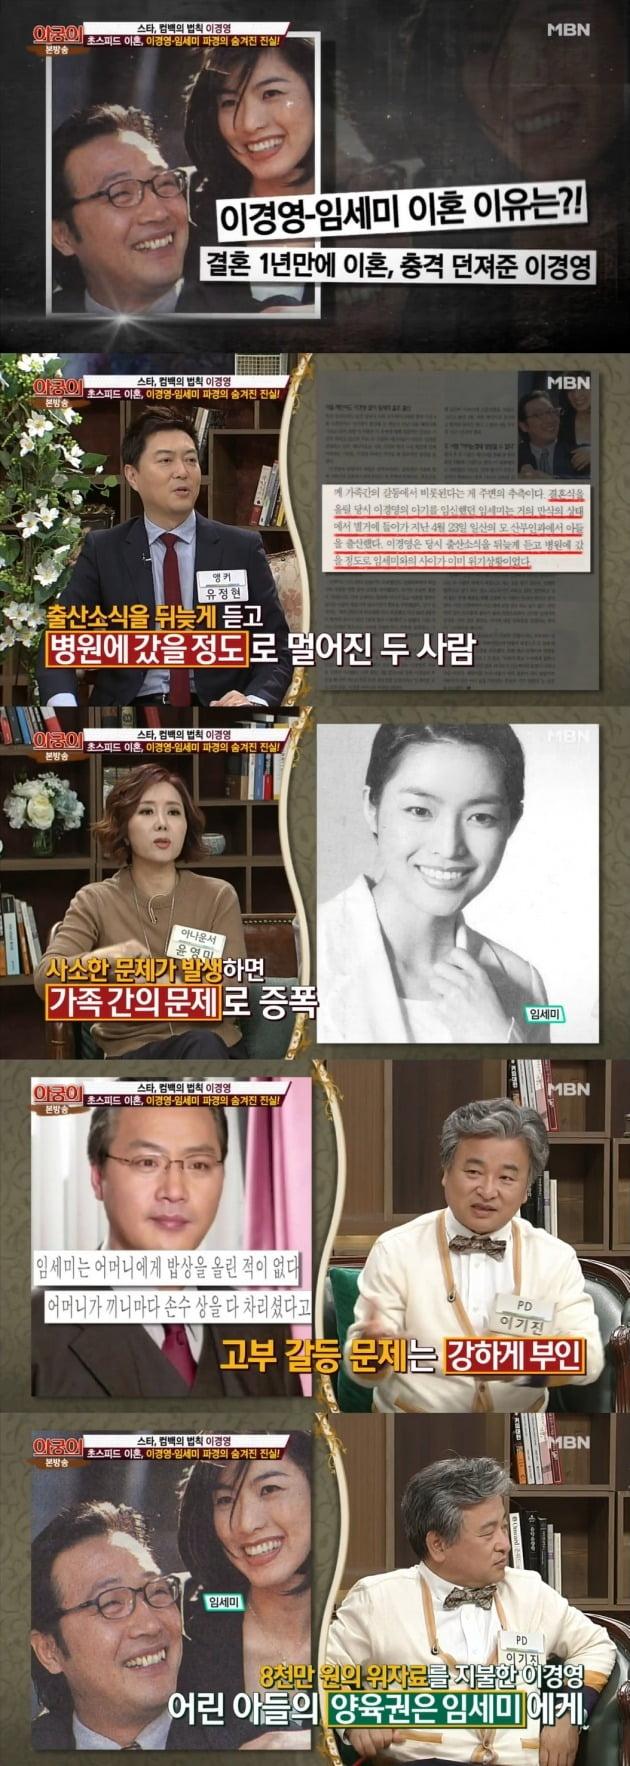 이경영이 재혼설을 부인한 가운데, 전 부인인 배우 임세미에게도 관심이 쏠리고 있다. / 사진=MBN 방송 화면 캡처